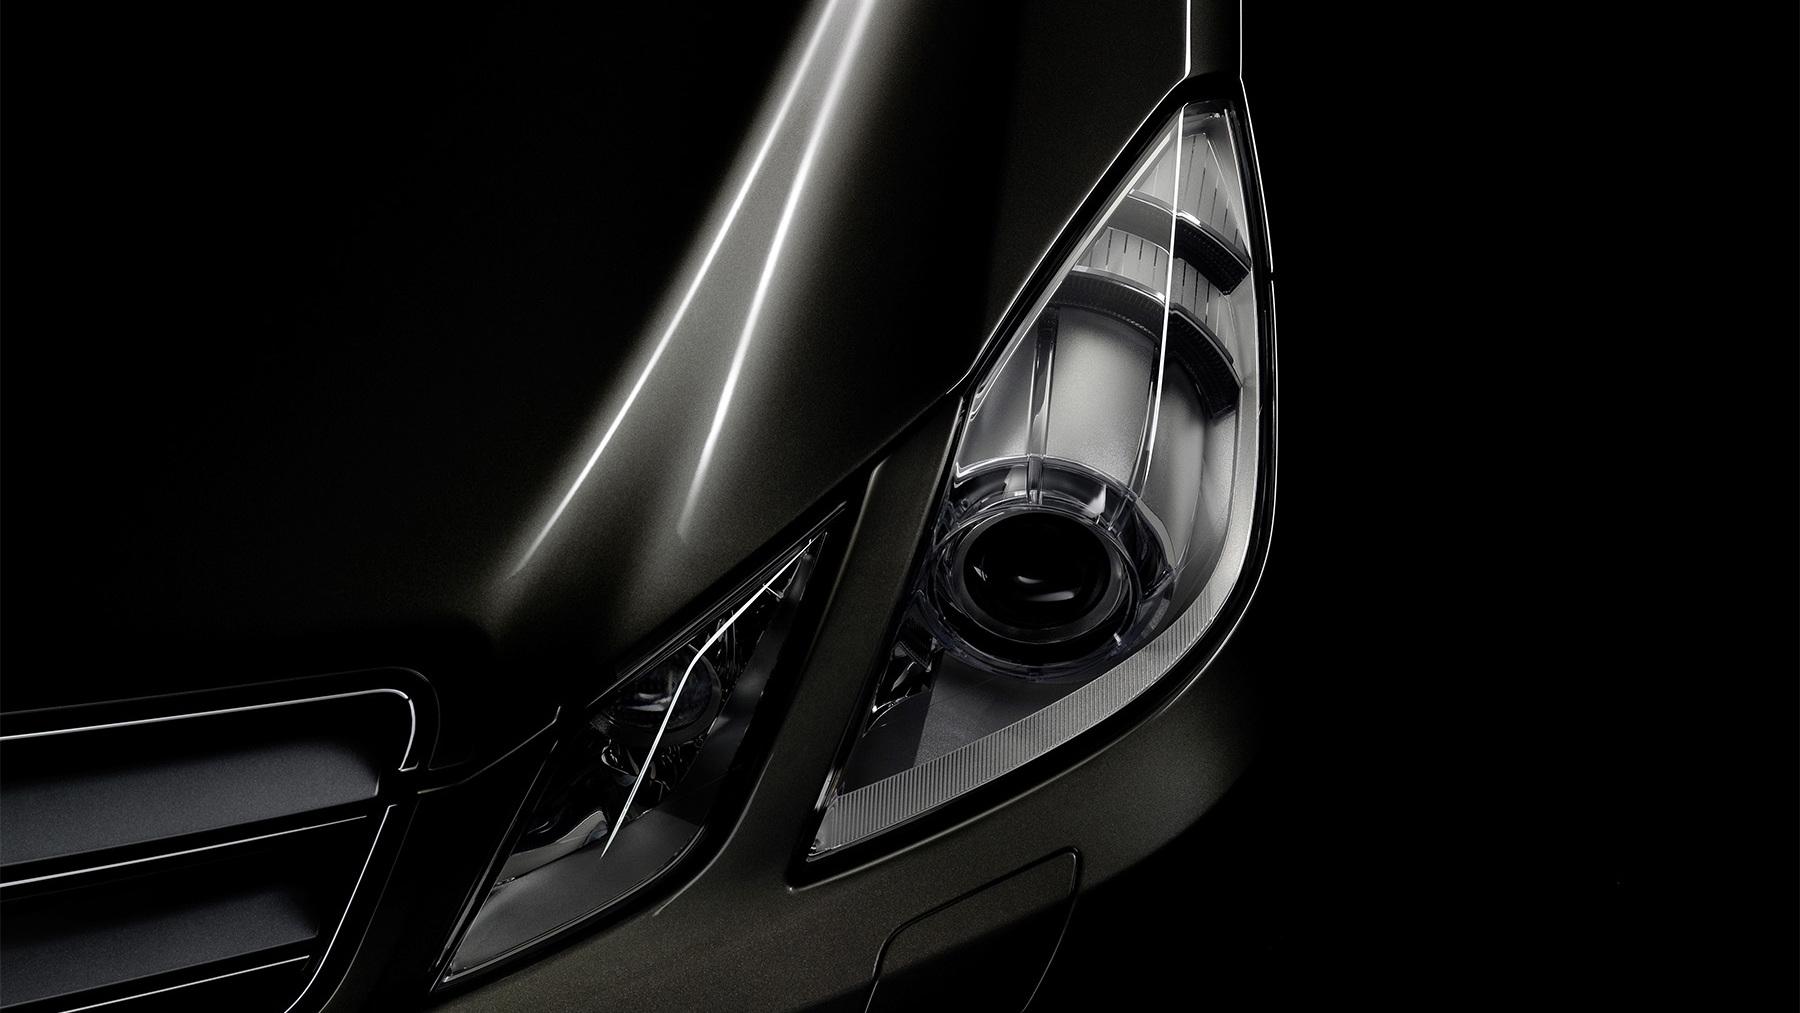 2010 mercedes benz e class coupe 006